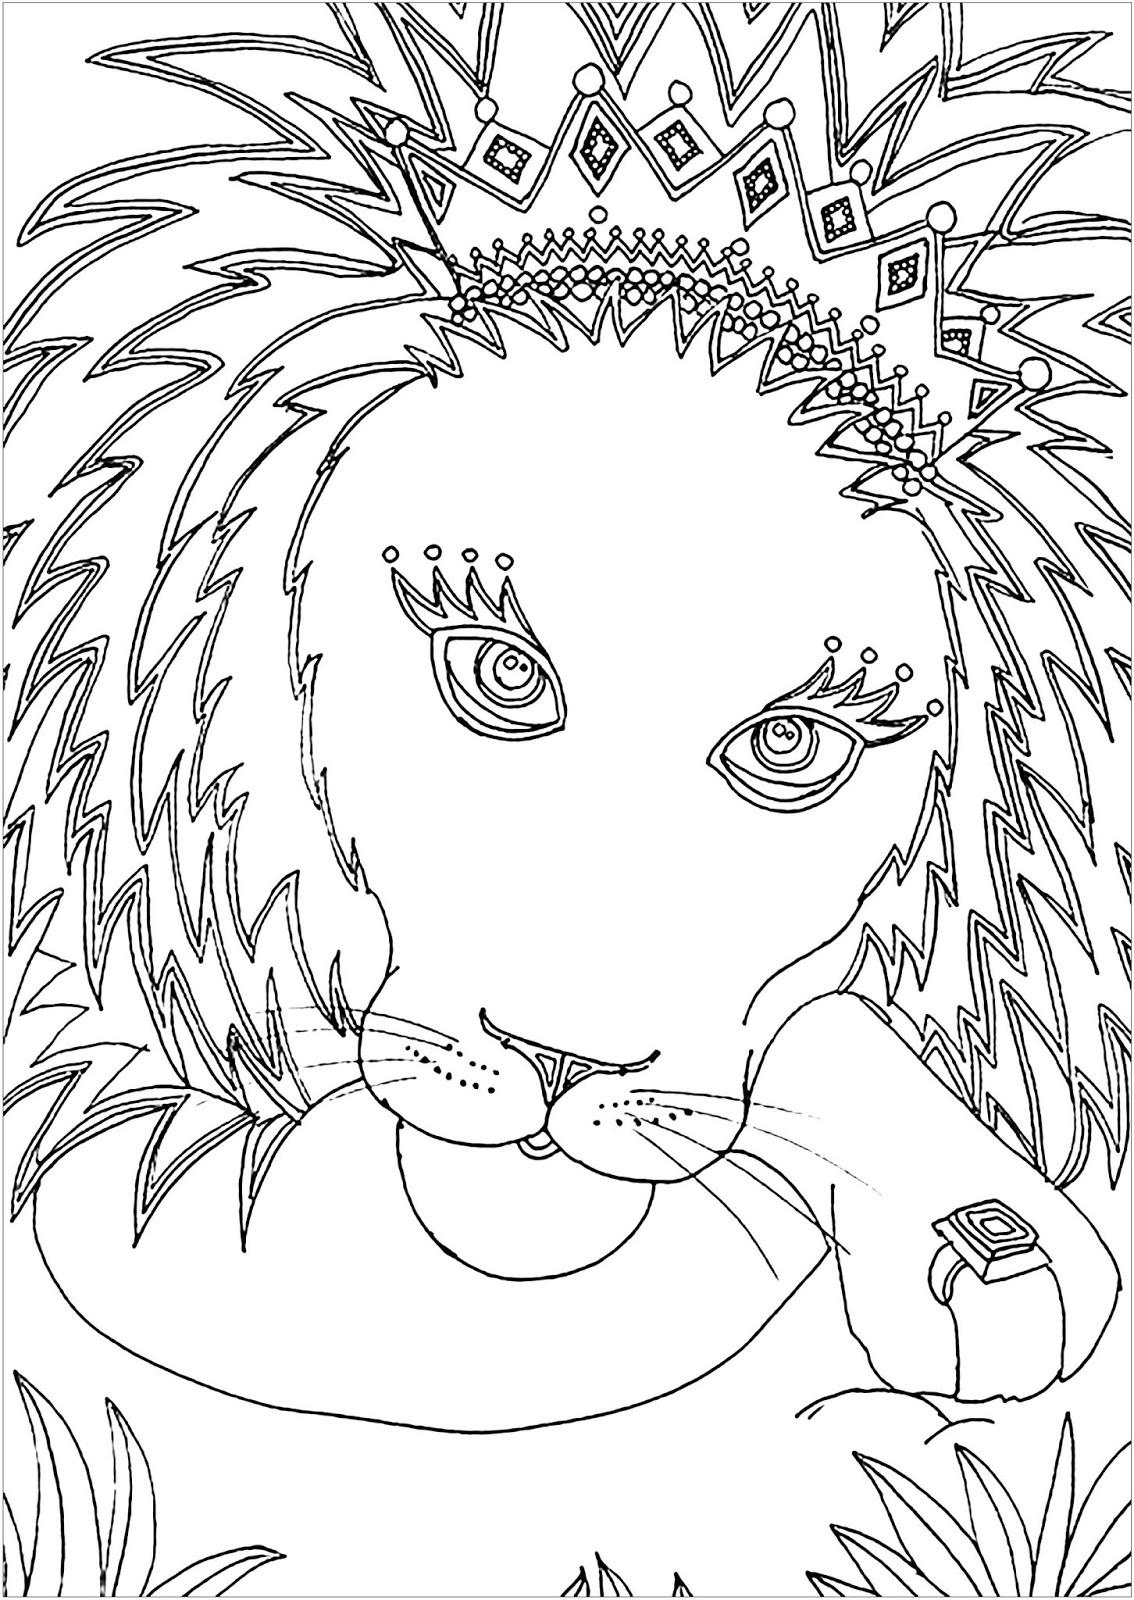 Tranh tô màu con sư tử đeo vương miện